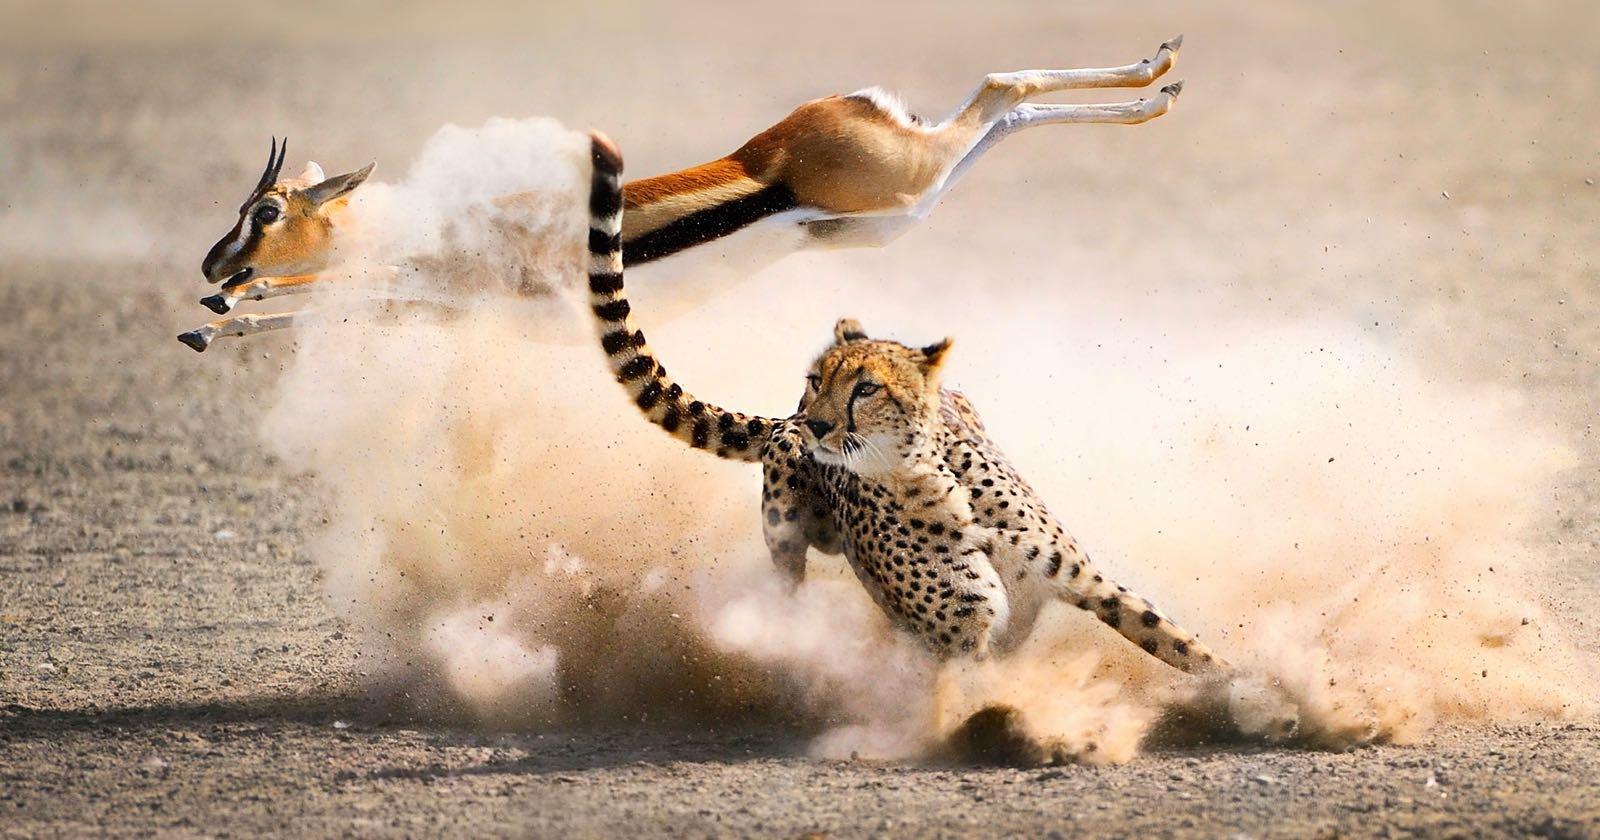 Proceso de caza de un guepardo en The Hunt.